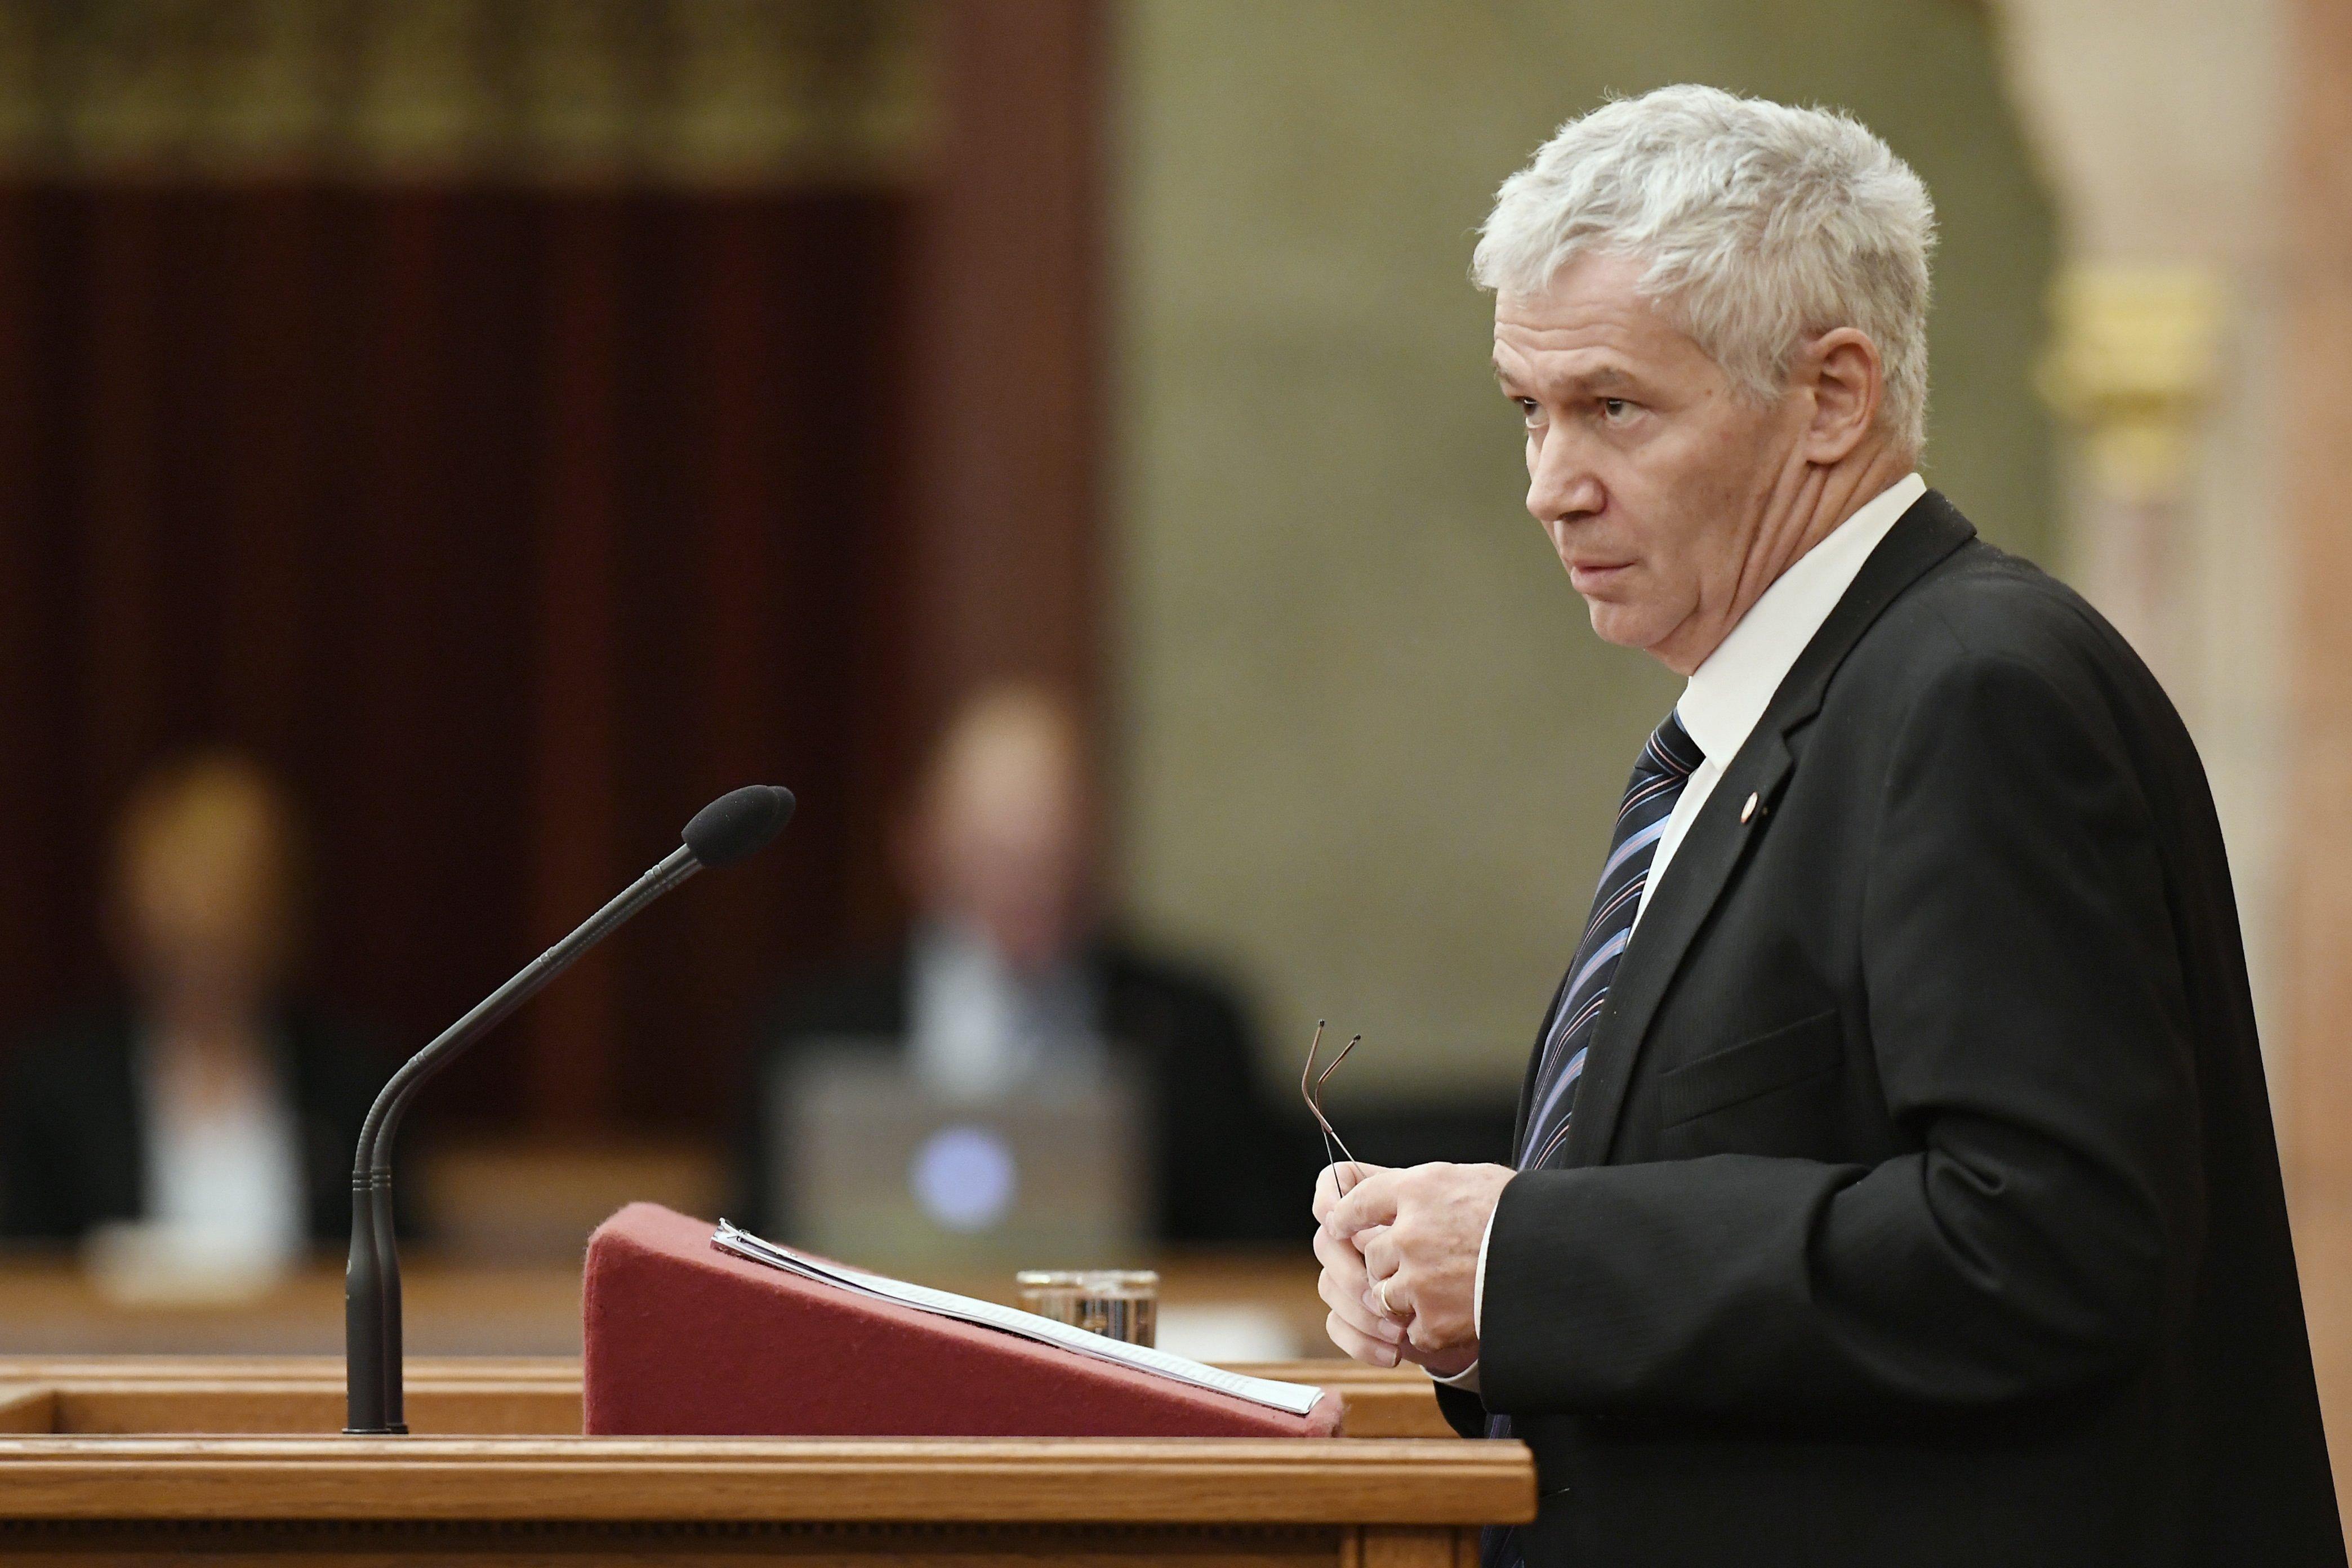 A magyar ügyészség nagyon büszke arra, hogy milyen sokszor emelnek vádat az OLAF jelentései alapján